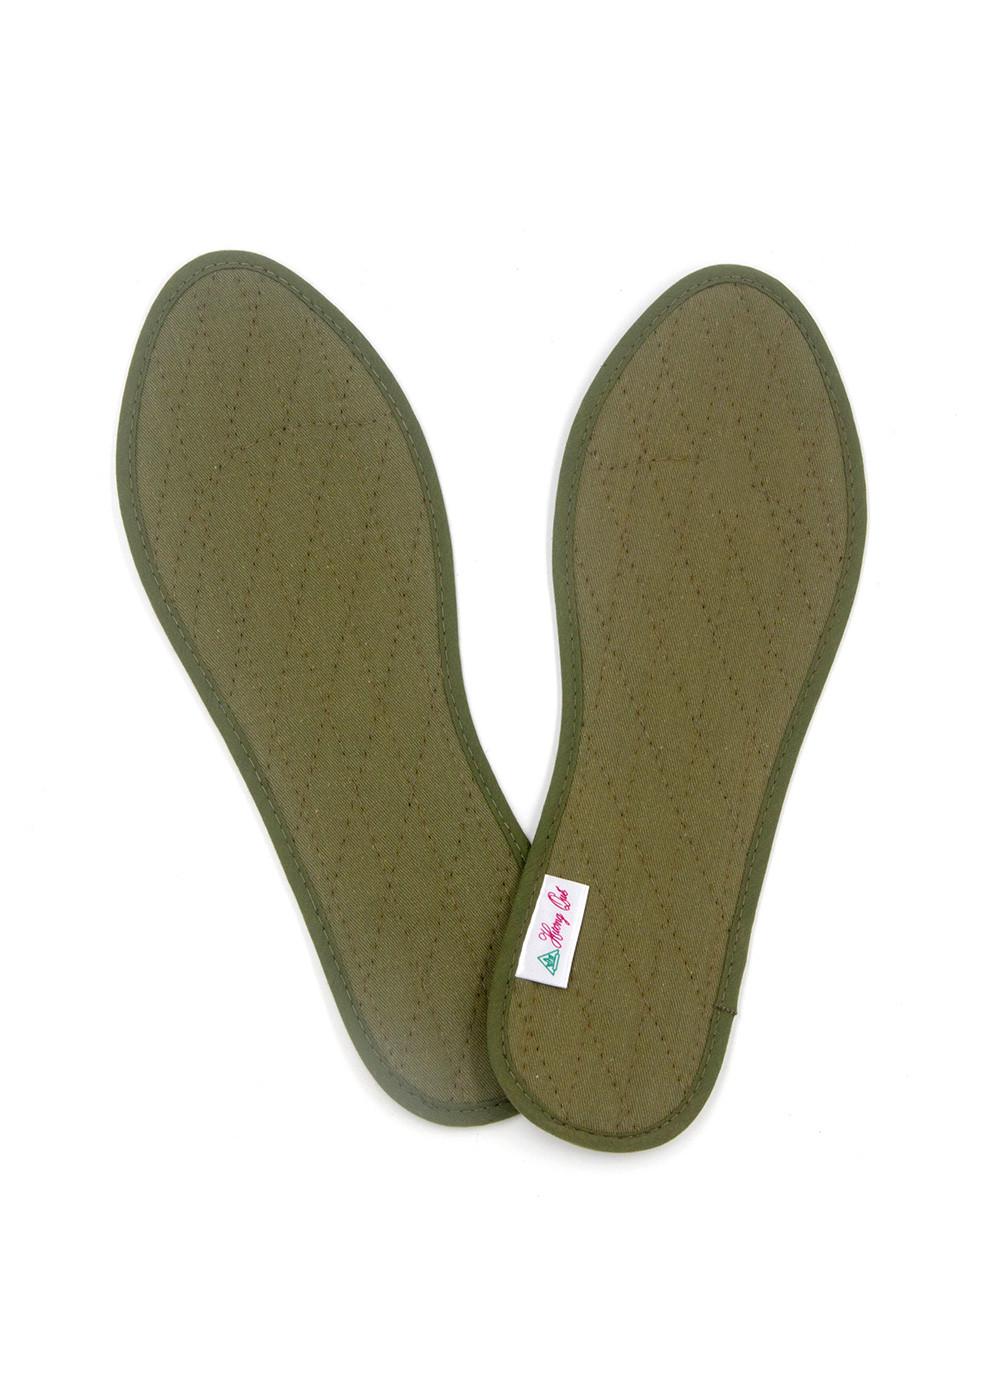 Lót giày quế vải cotton Hương Quế CI-14 làm từ vải cotton - bột quế giúp hút ẩm - khử mùi - phòng cảm cúm và cải thiện sức khoẻ